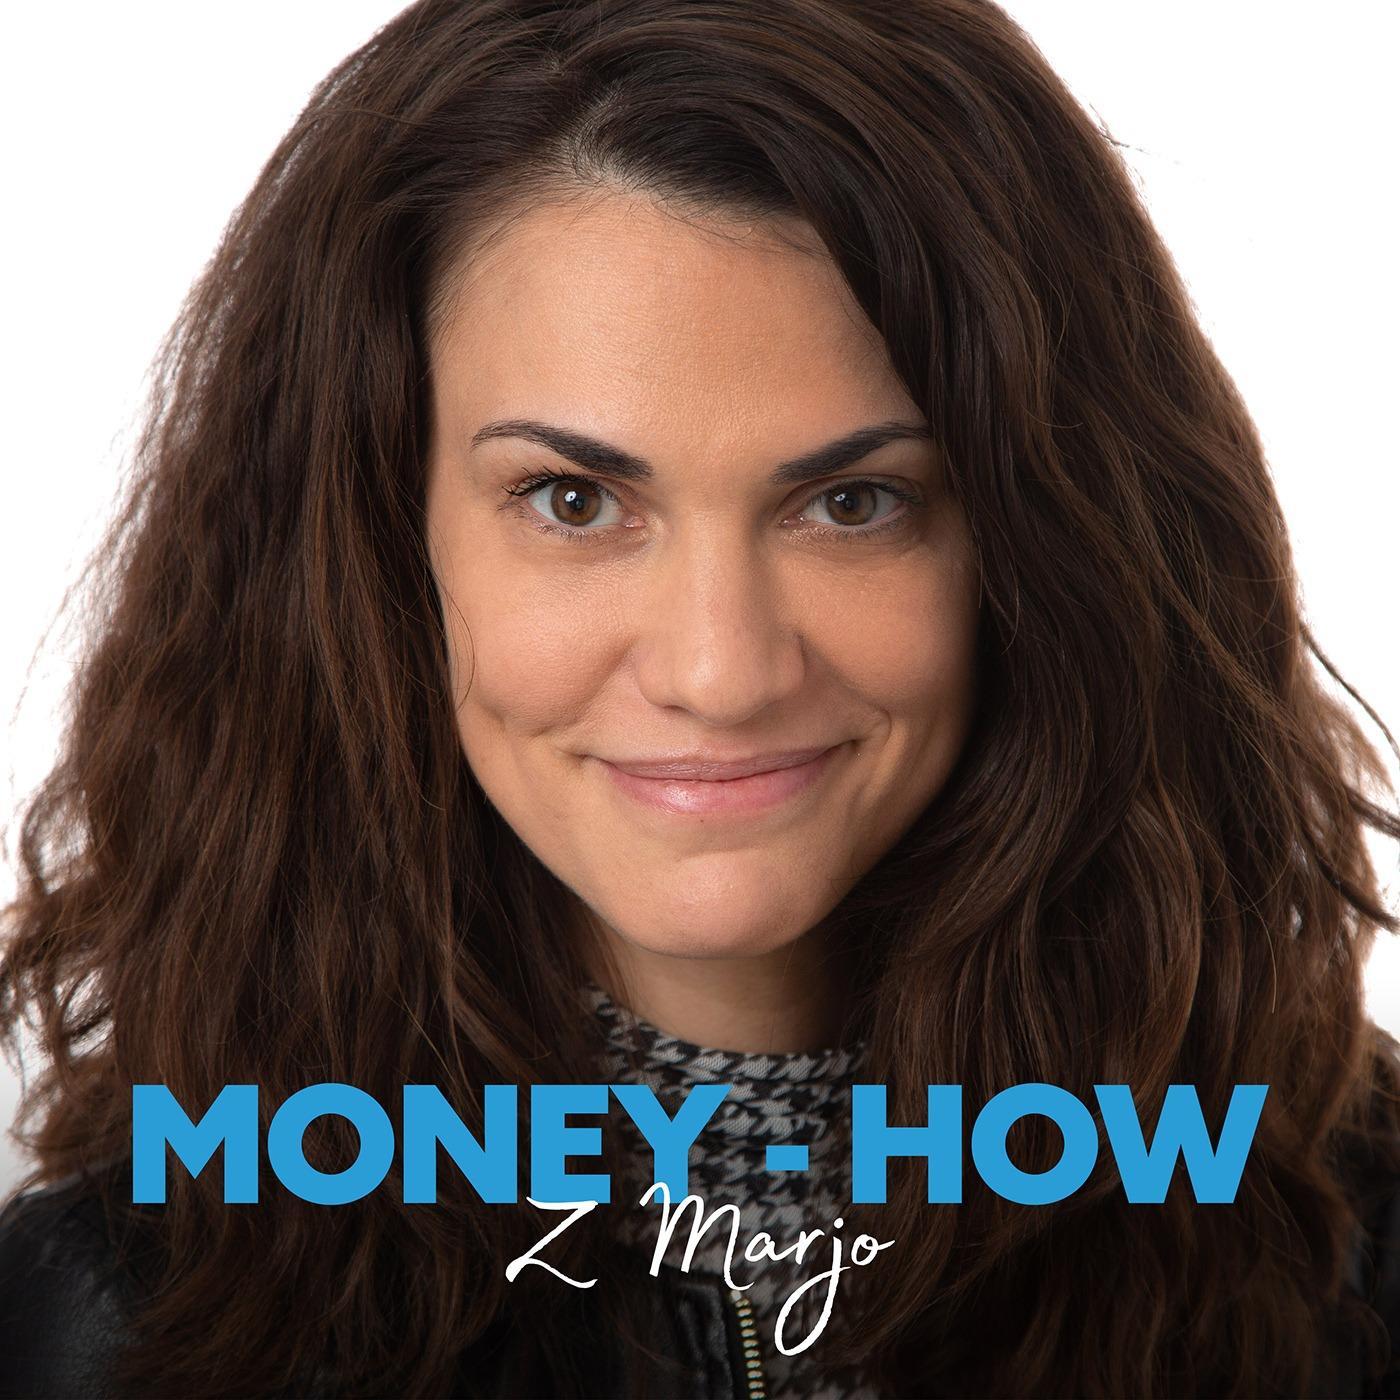 Money-How